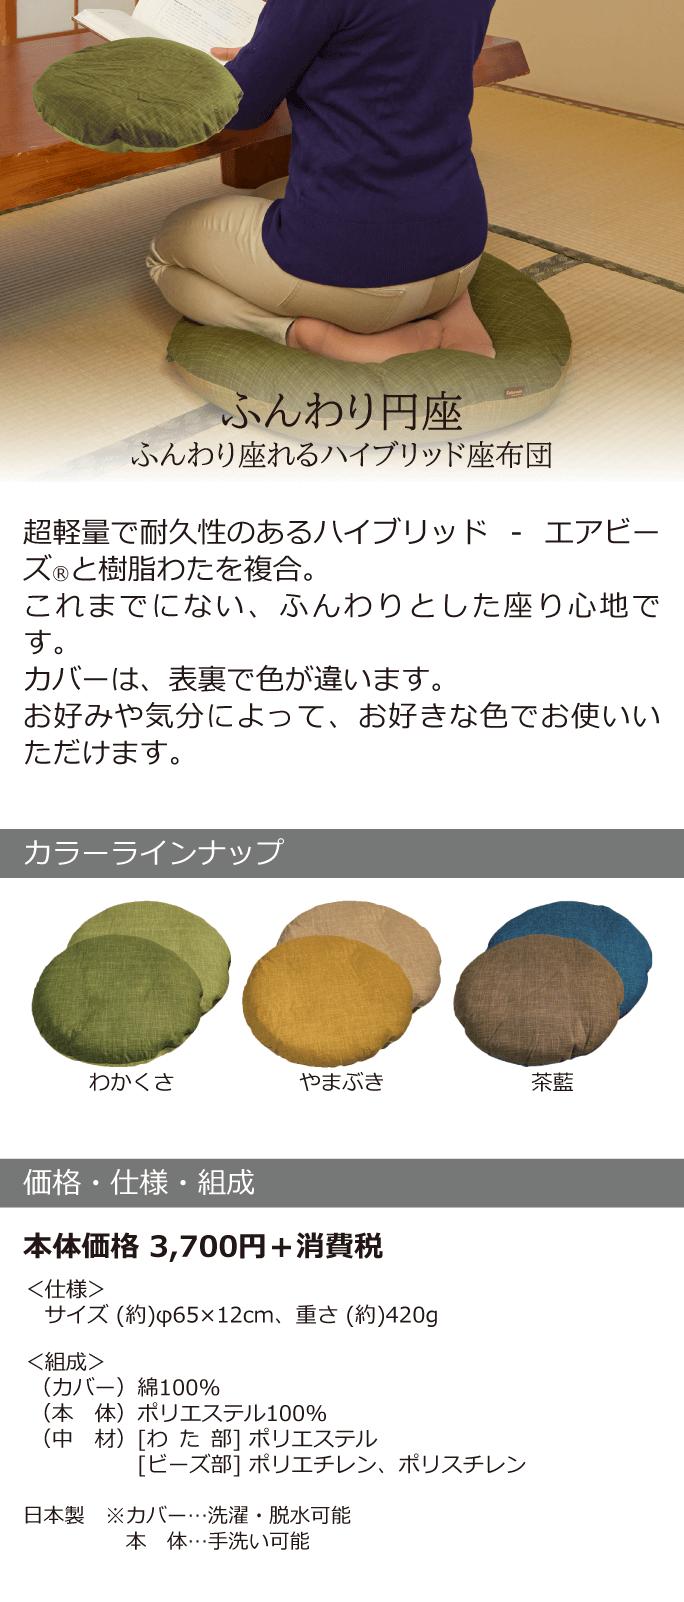 【ふんわり円座】 <ふんわり座れるハイブリッド座布団> 超軽量で耐久性のあるハイブリッド-エアビーズⓇと樹脂わたを複合。これまでにない、ふんわりとした座り心地です。カバーは、表裏で色が違います。お好みや気分によって、お好きな色でお使いいただけます。 【カラーラインナップ】わかくさ、やまぶき、茶藍 【価格・仕様・組成】 本体価格3,700円+消費税 <仕様>サイズ(約)φ65×12cm、重さ(約)420g <組成>(カバー)綿100% (本体)ポリエステル100% (中材)[わた部]ポリエステル [ビーズ部]ポリエチレン、ポリスチレン 日本製 ※カバー…洗濯・脱水可能 本体…手洗い可能